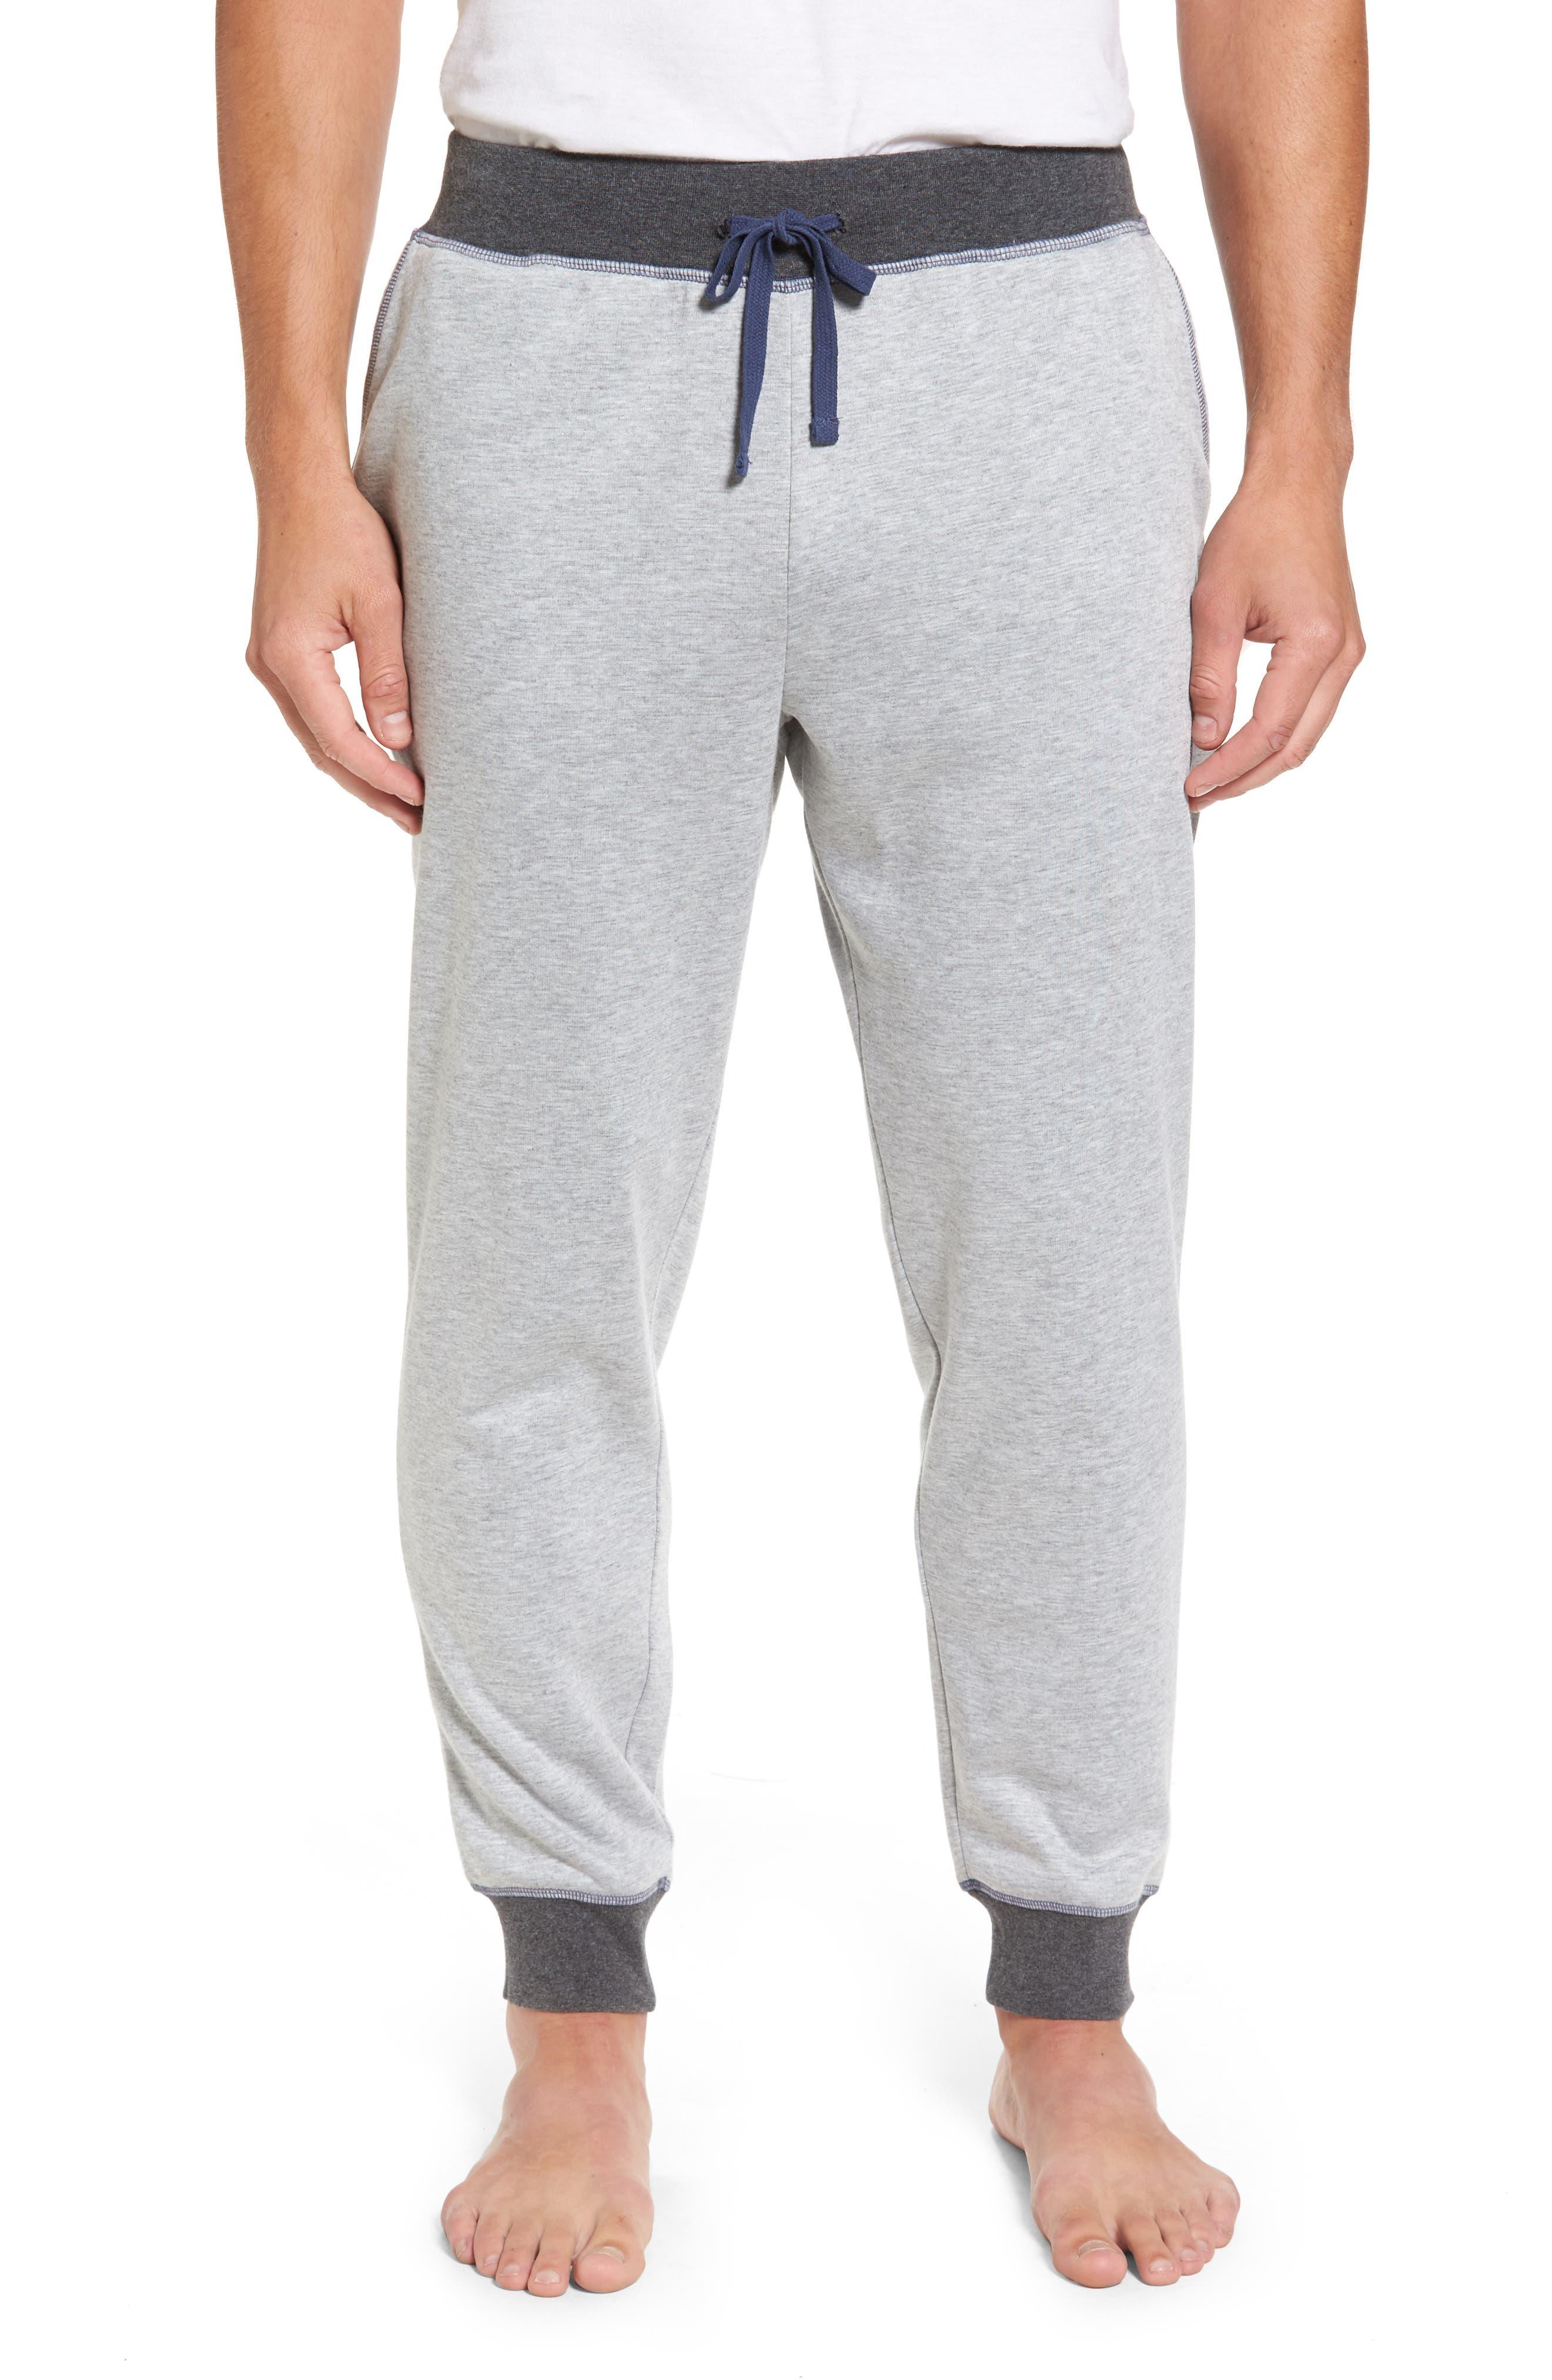 Main Image - Majestic International Double Take Knit Lounge Pants